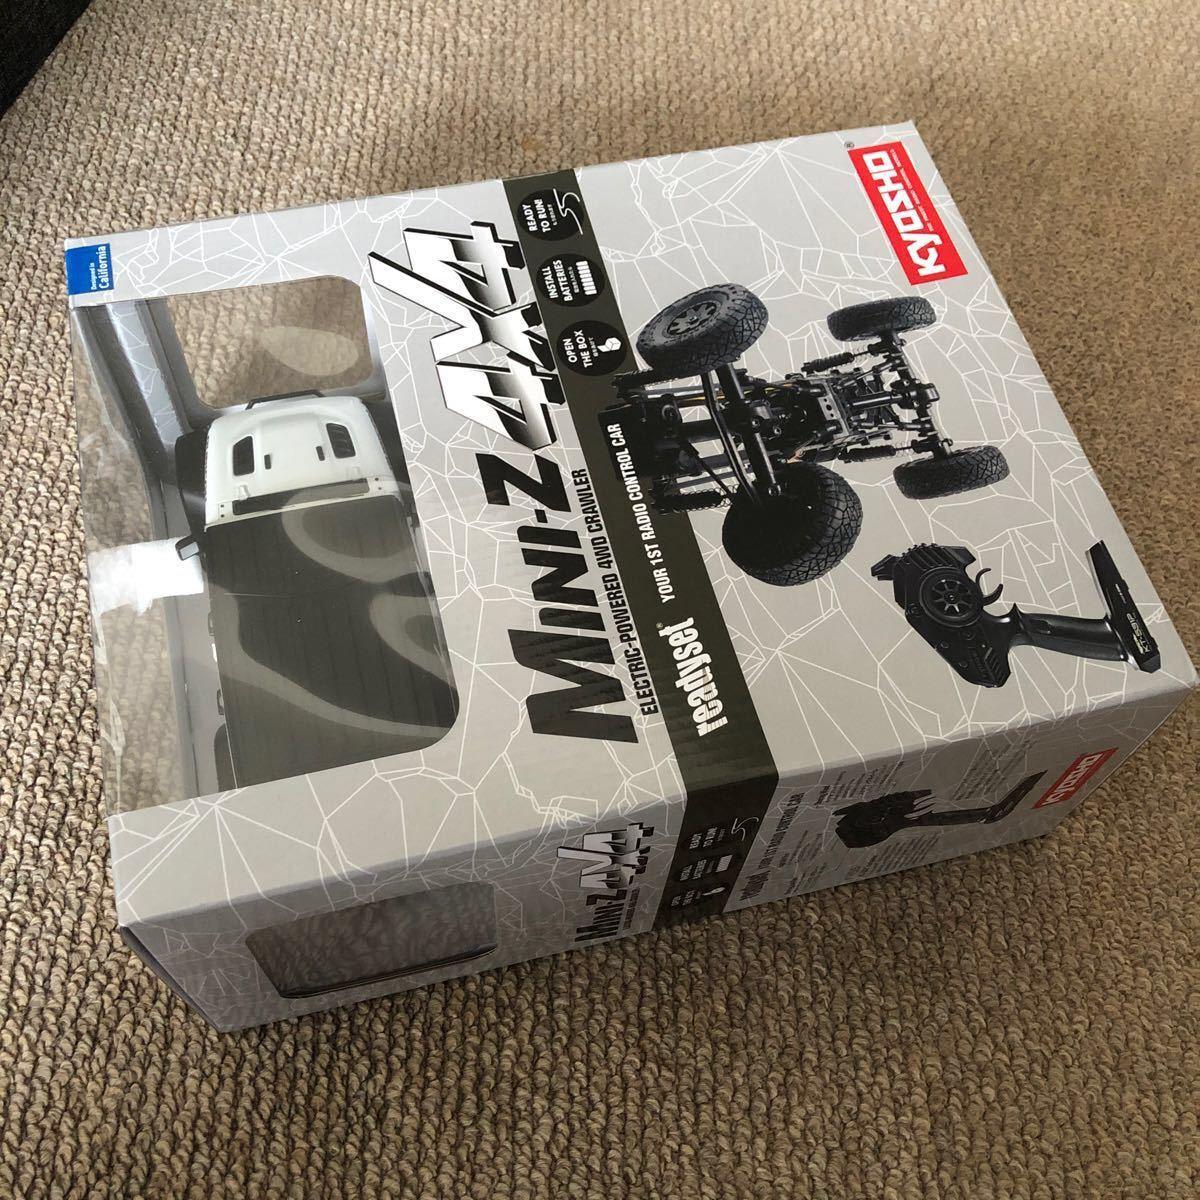 京商 RC ミニッツ4×4シリーズ レディセット ジープ ラングラー アンリミテッド ルビコン ブライトホワイト 32521W